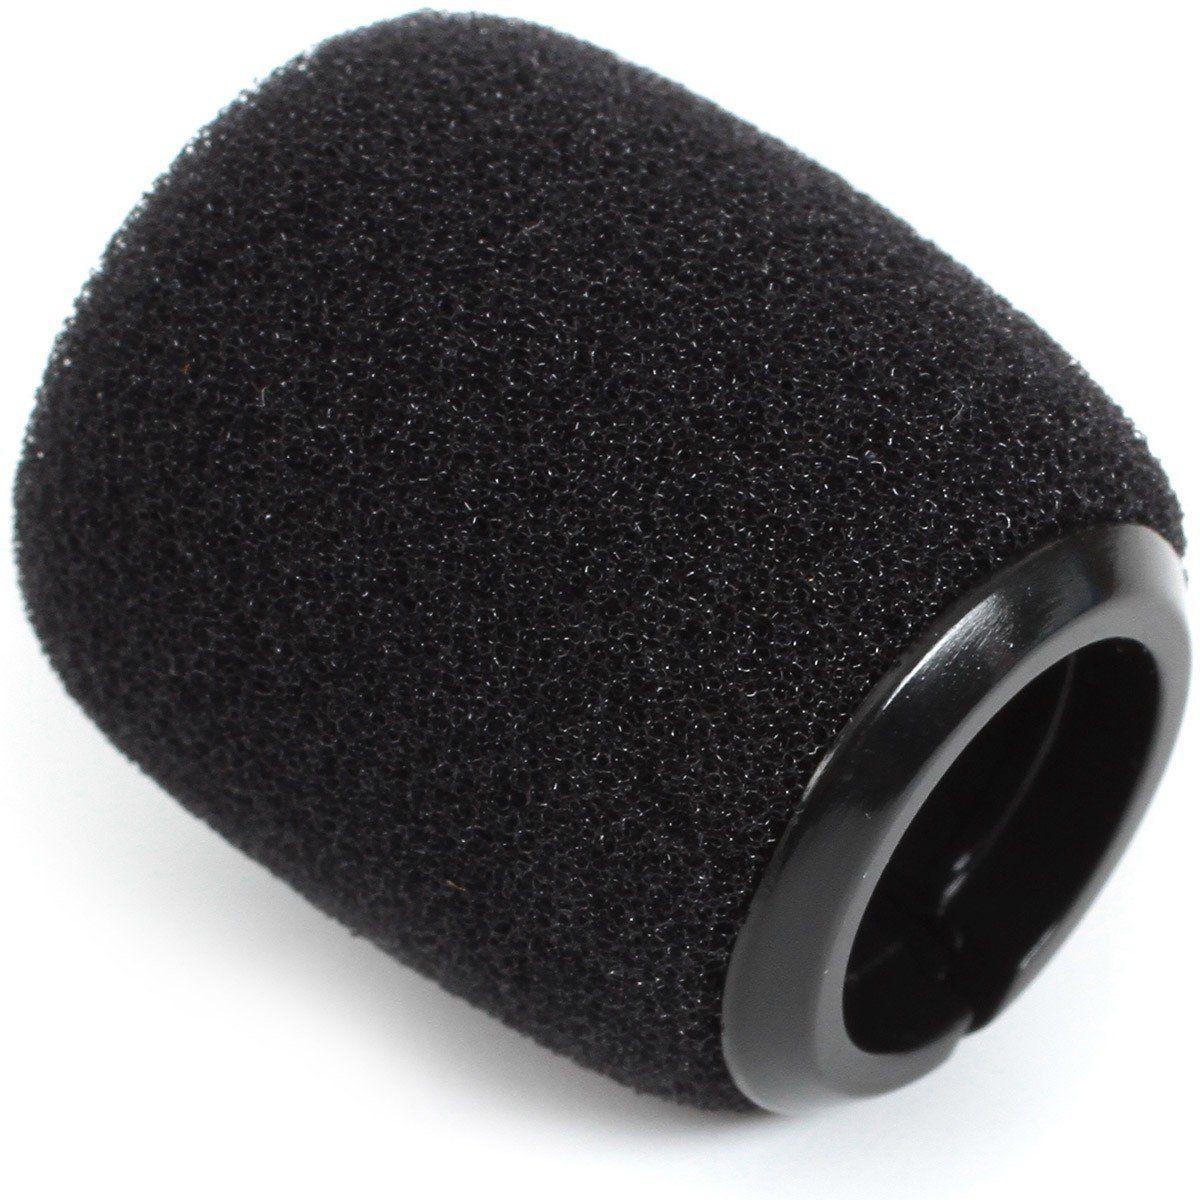 Shure Beta 98H/C Microfone Condensador Cardioide Shure B98H/C para Instrumentos